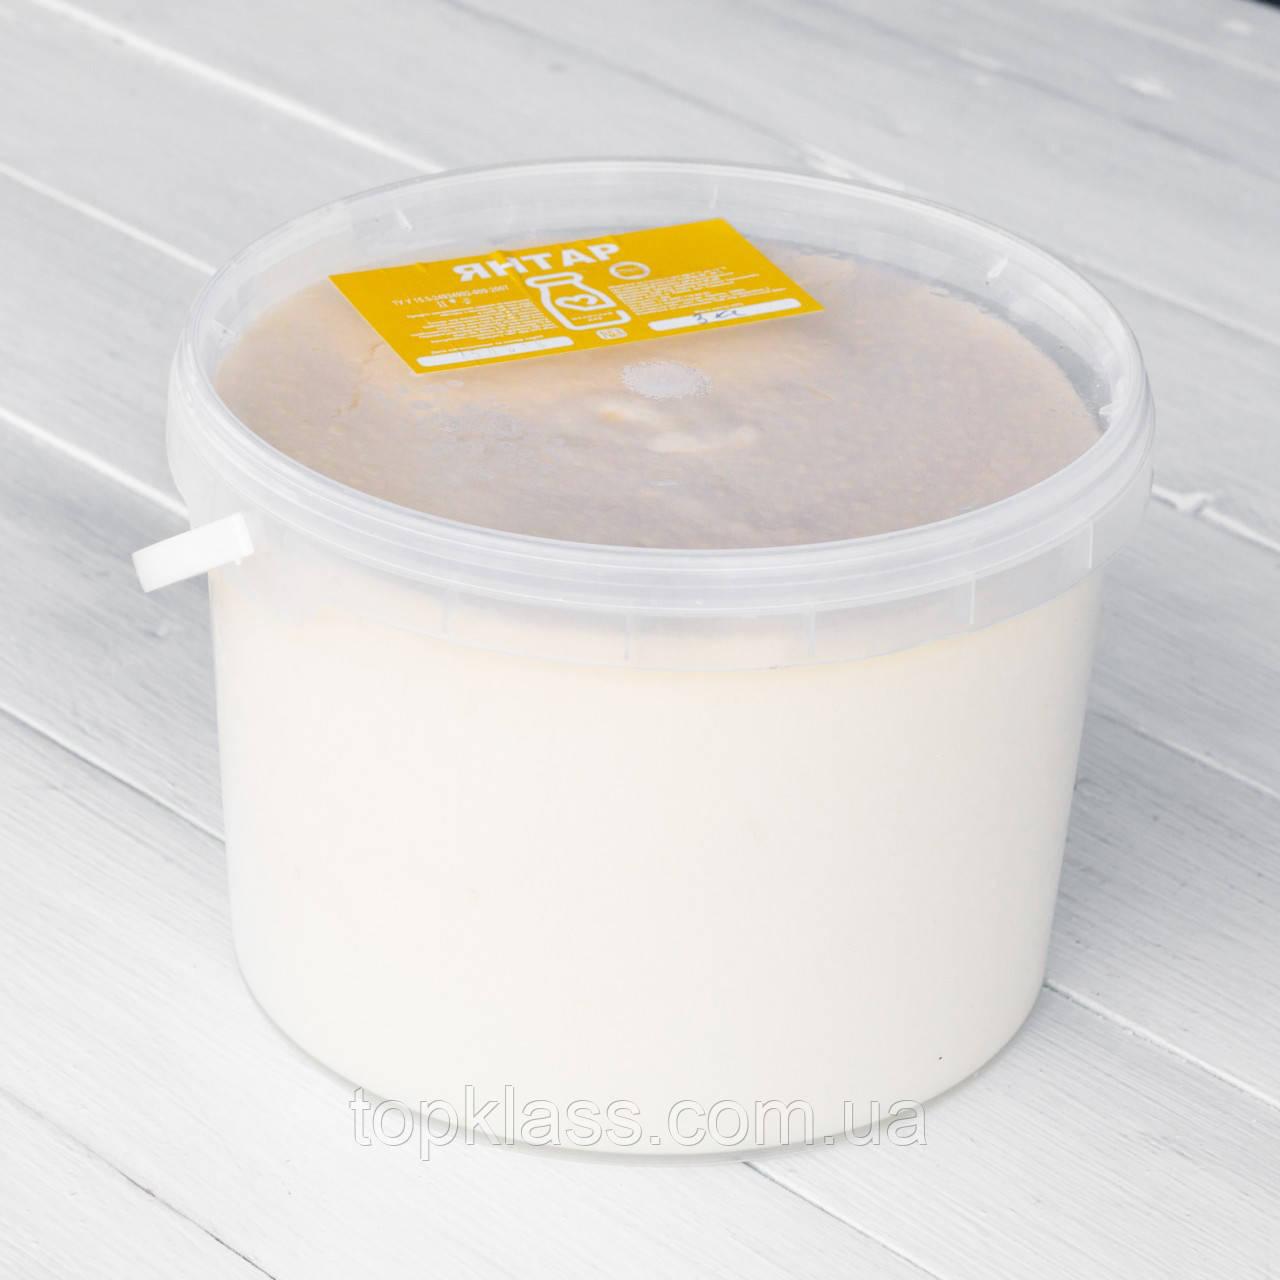 Сир плавлений Янтар ТМ Молочний дар, Україна, 3 кг